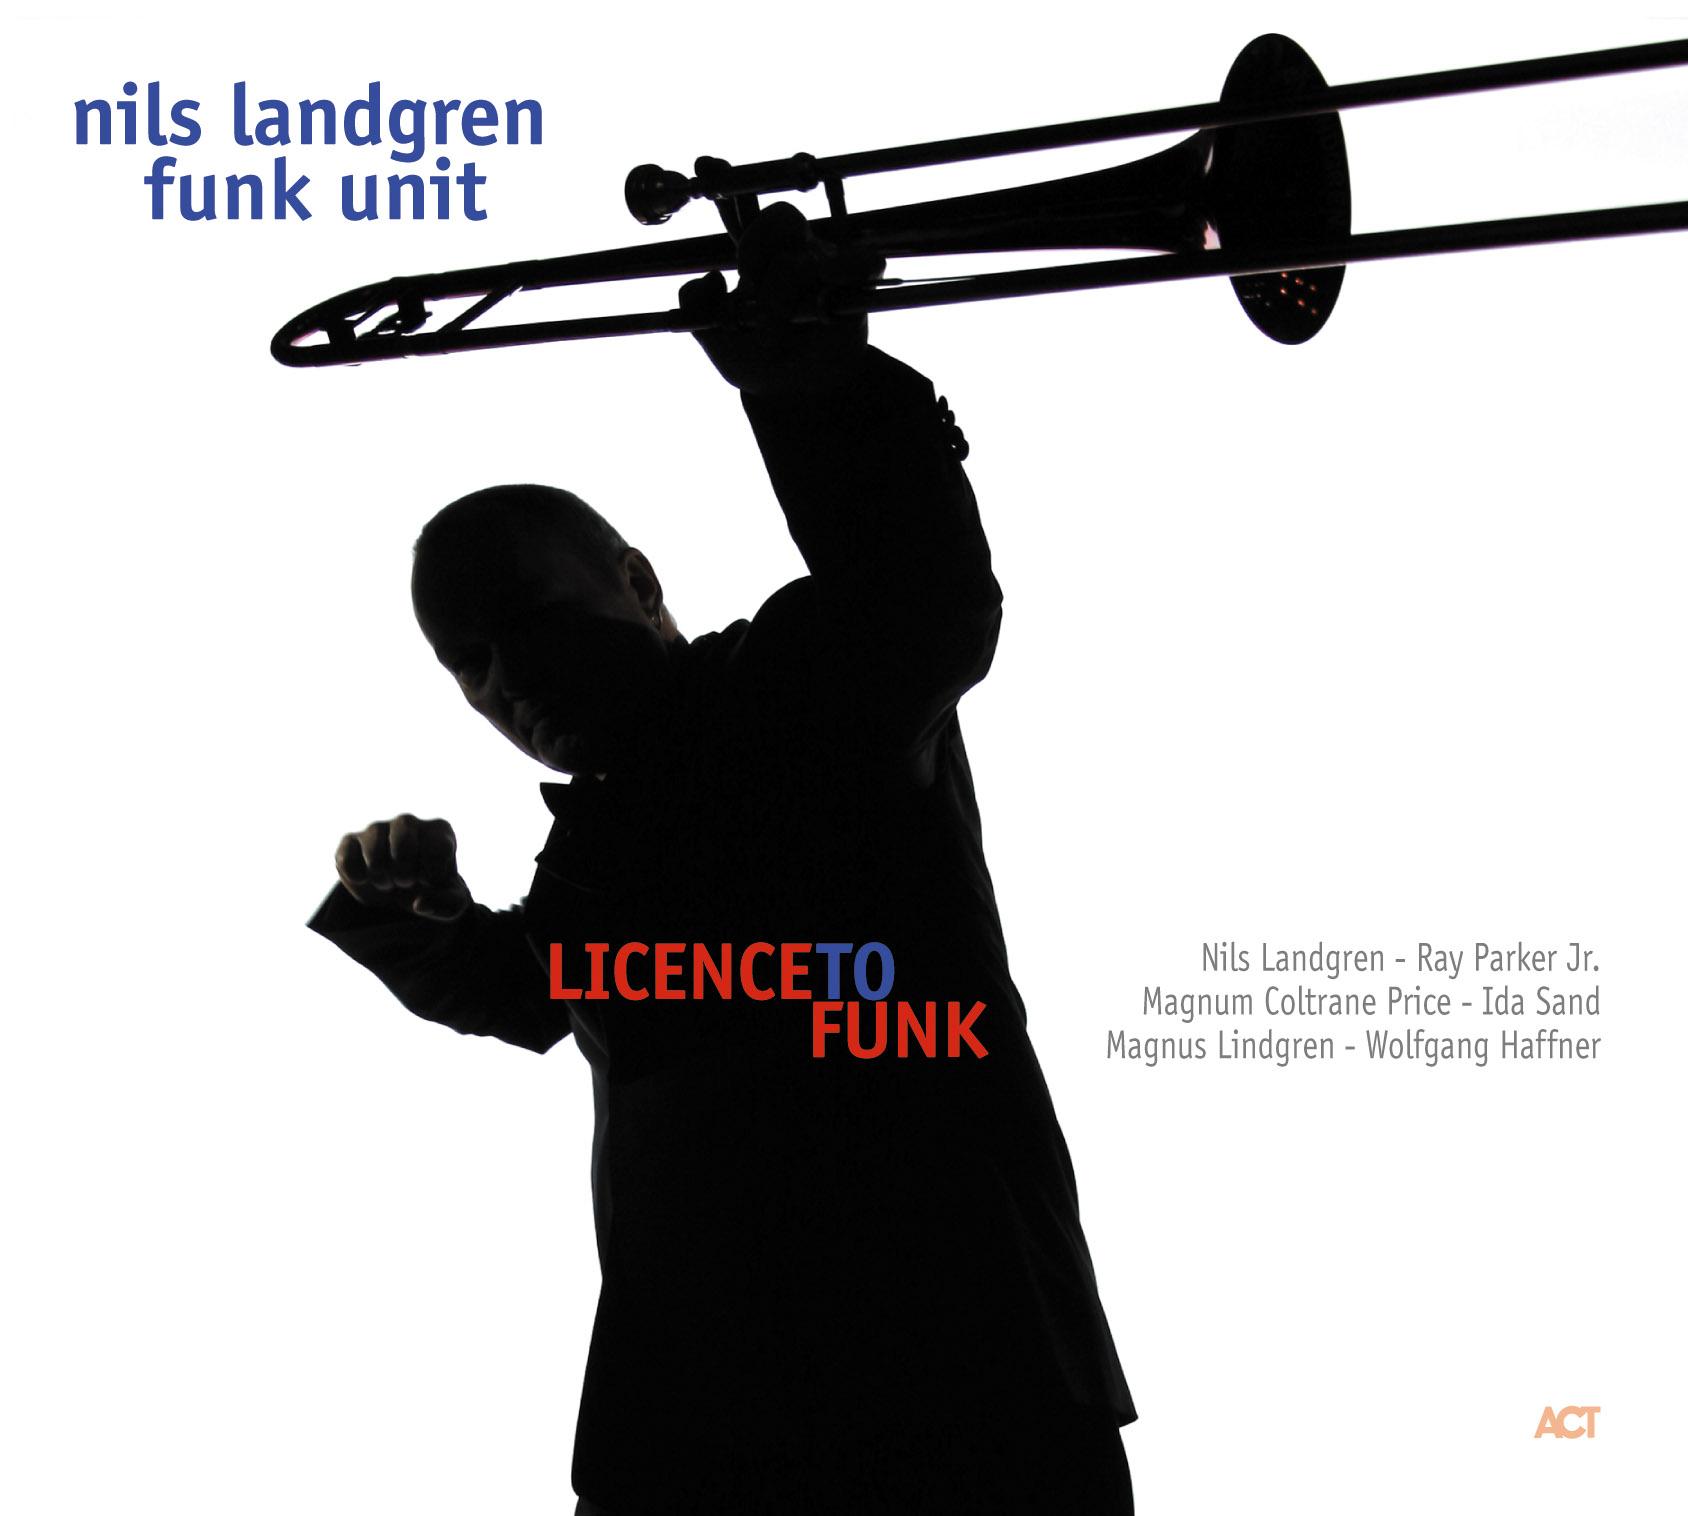 Nils Landgren - Licence To Funk